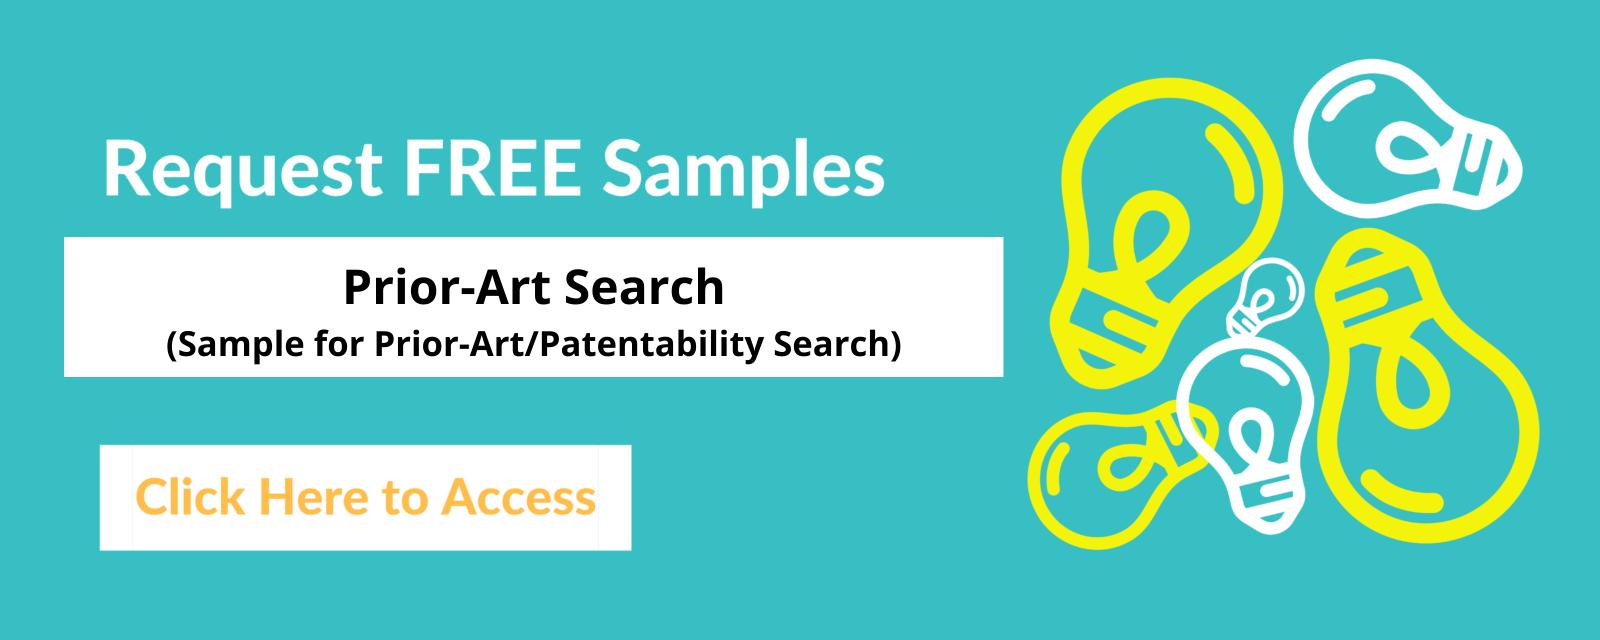 Prior-Art Search Services